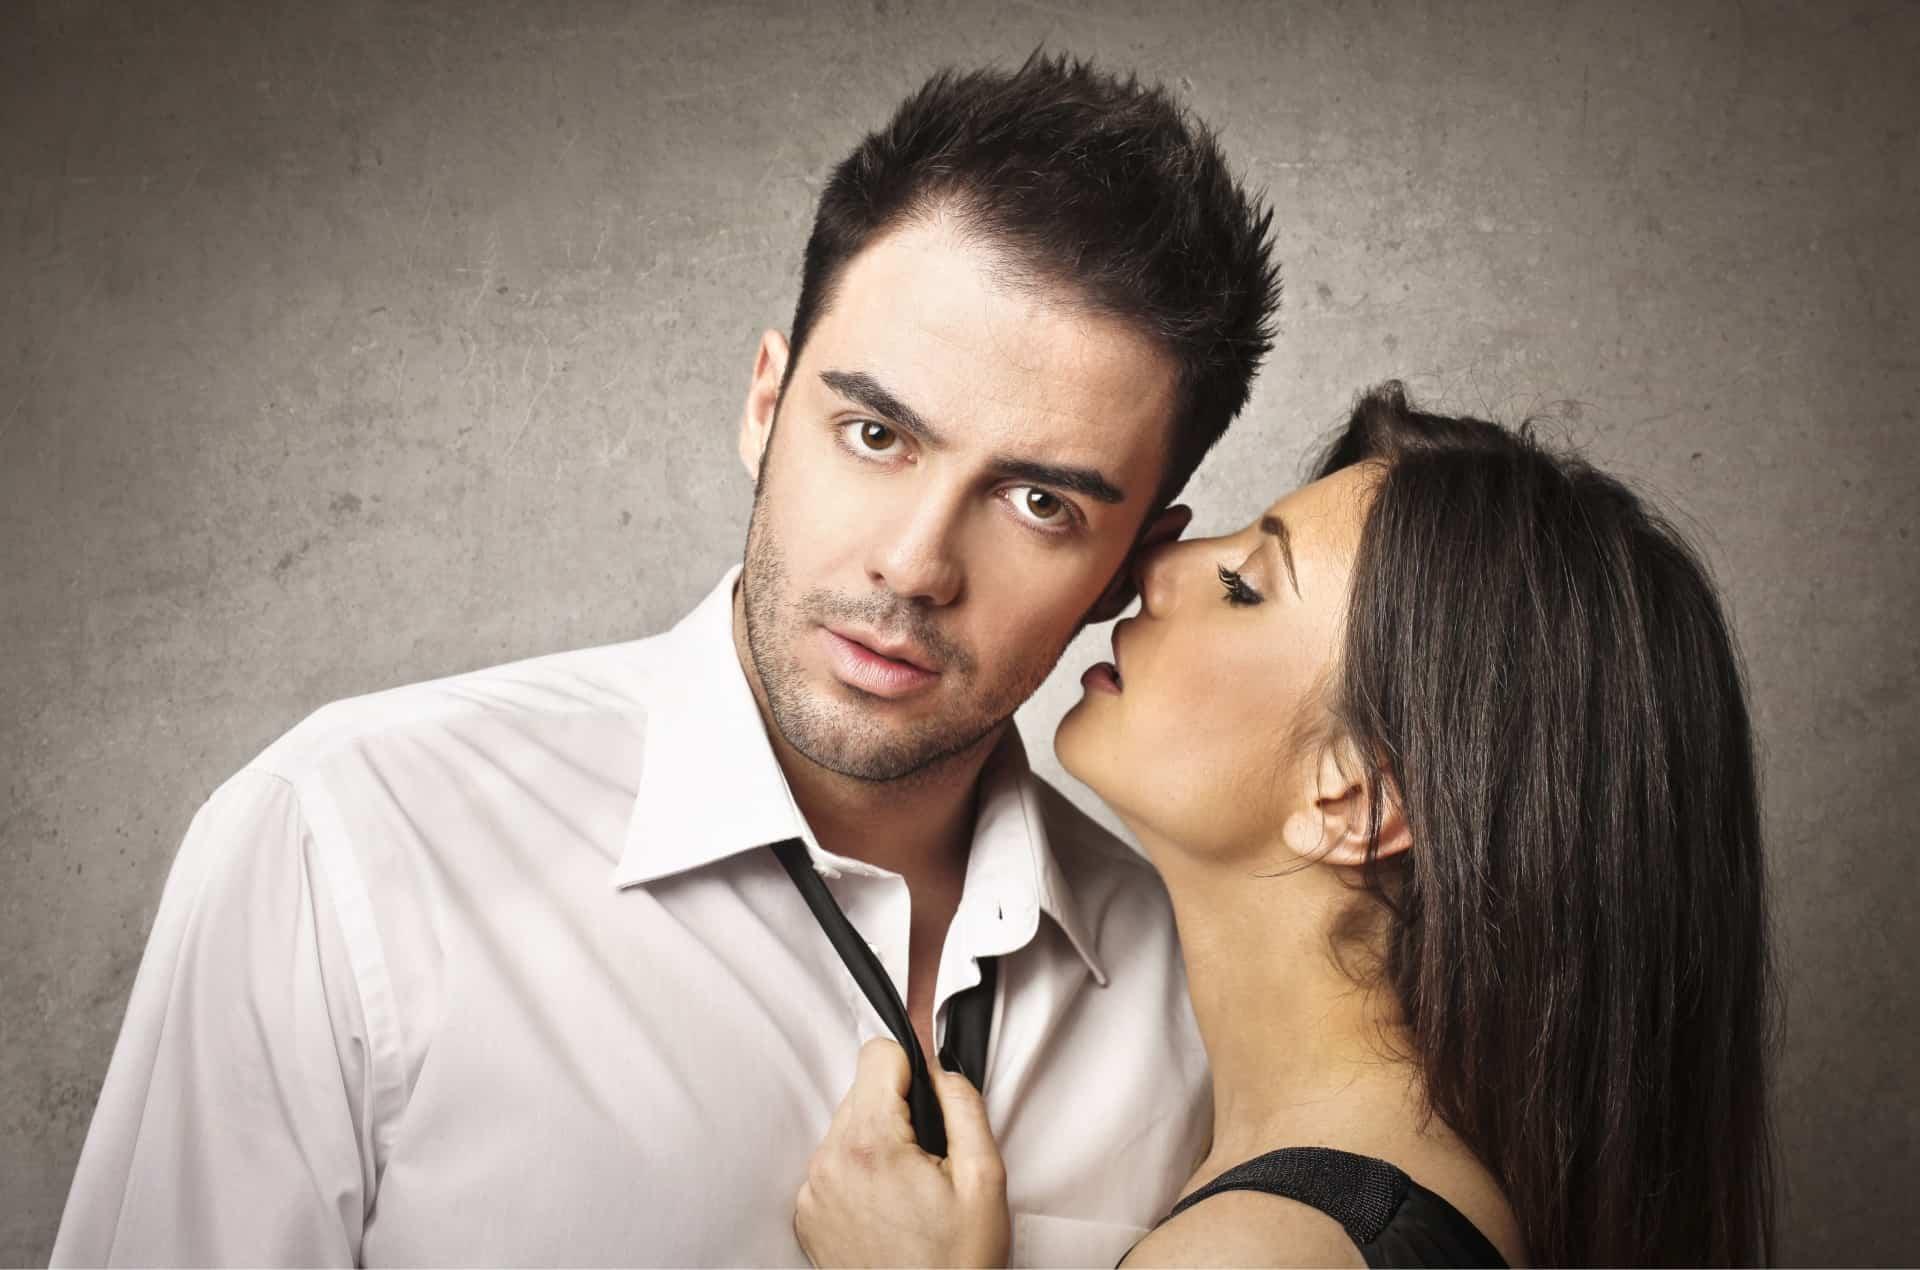 woman whisper a secret in a mans ear